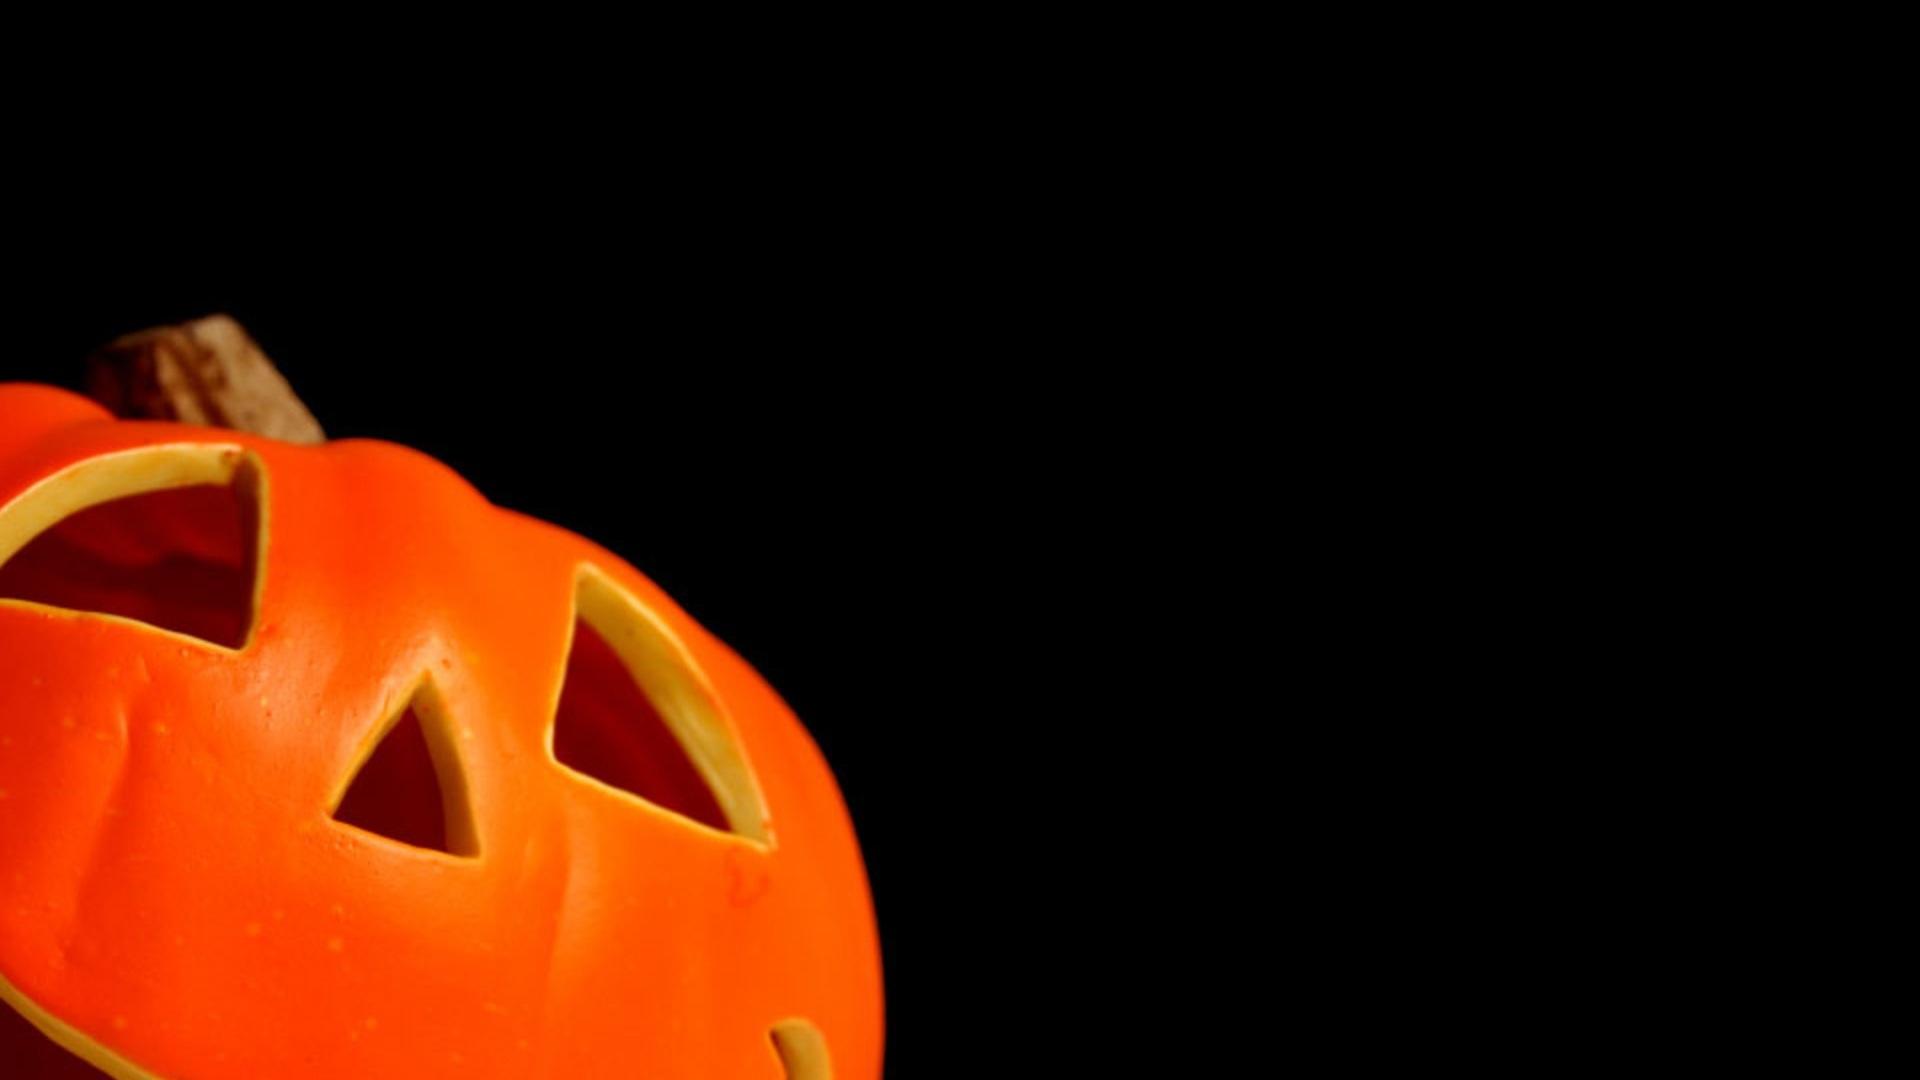 cute halloween wallpaper desktop 1920x1080